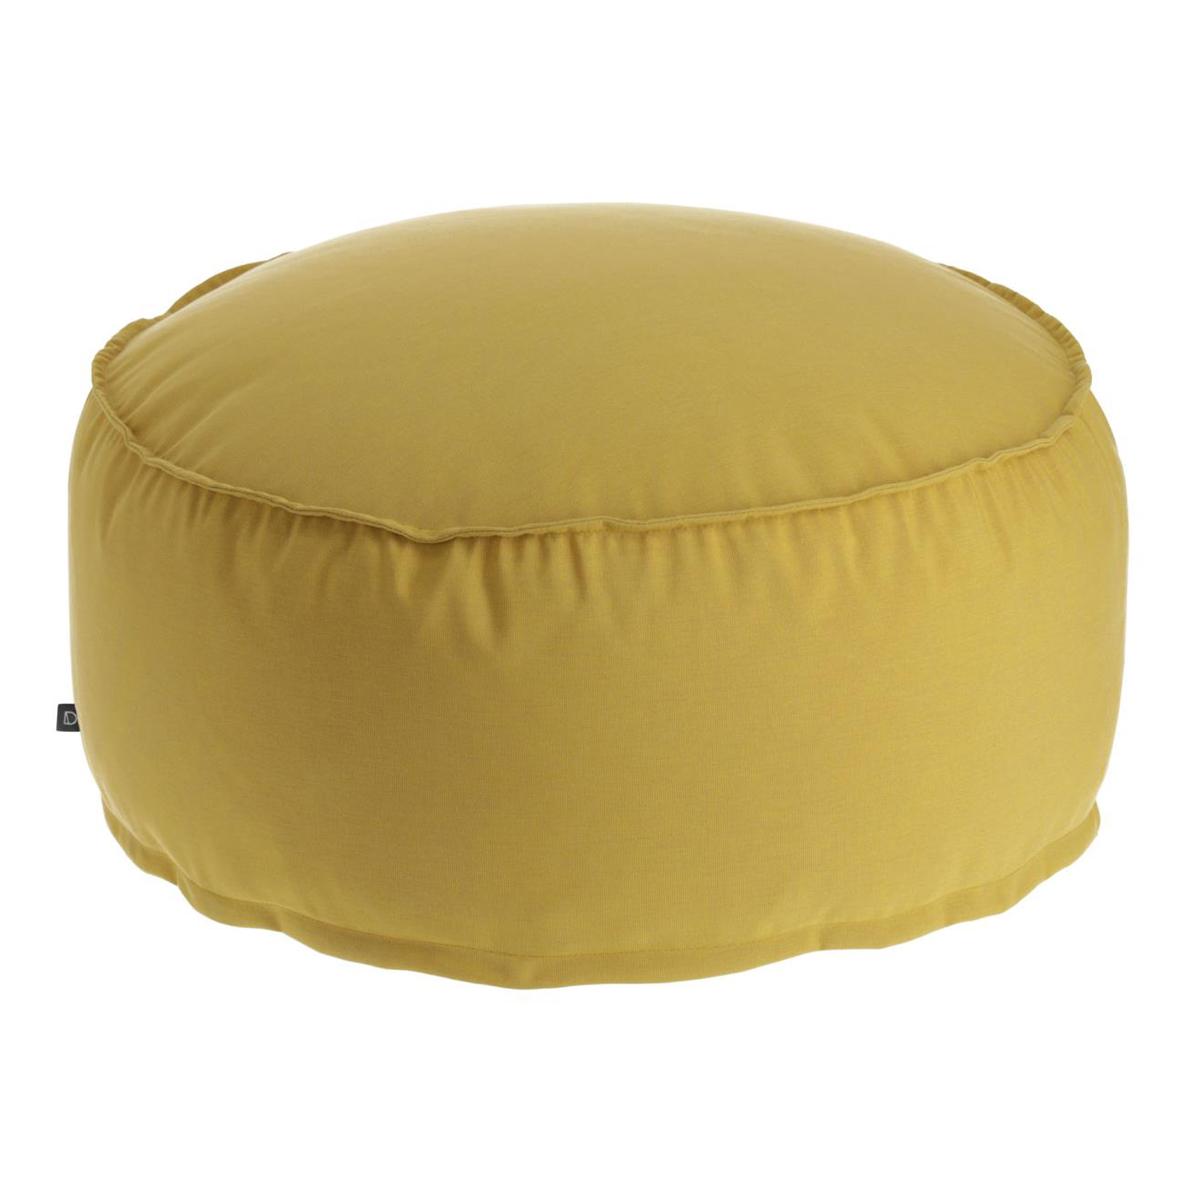 Pouf rond et uni - Moutarde - Ø 70 cm x H 40 cm